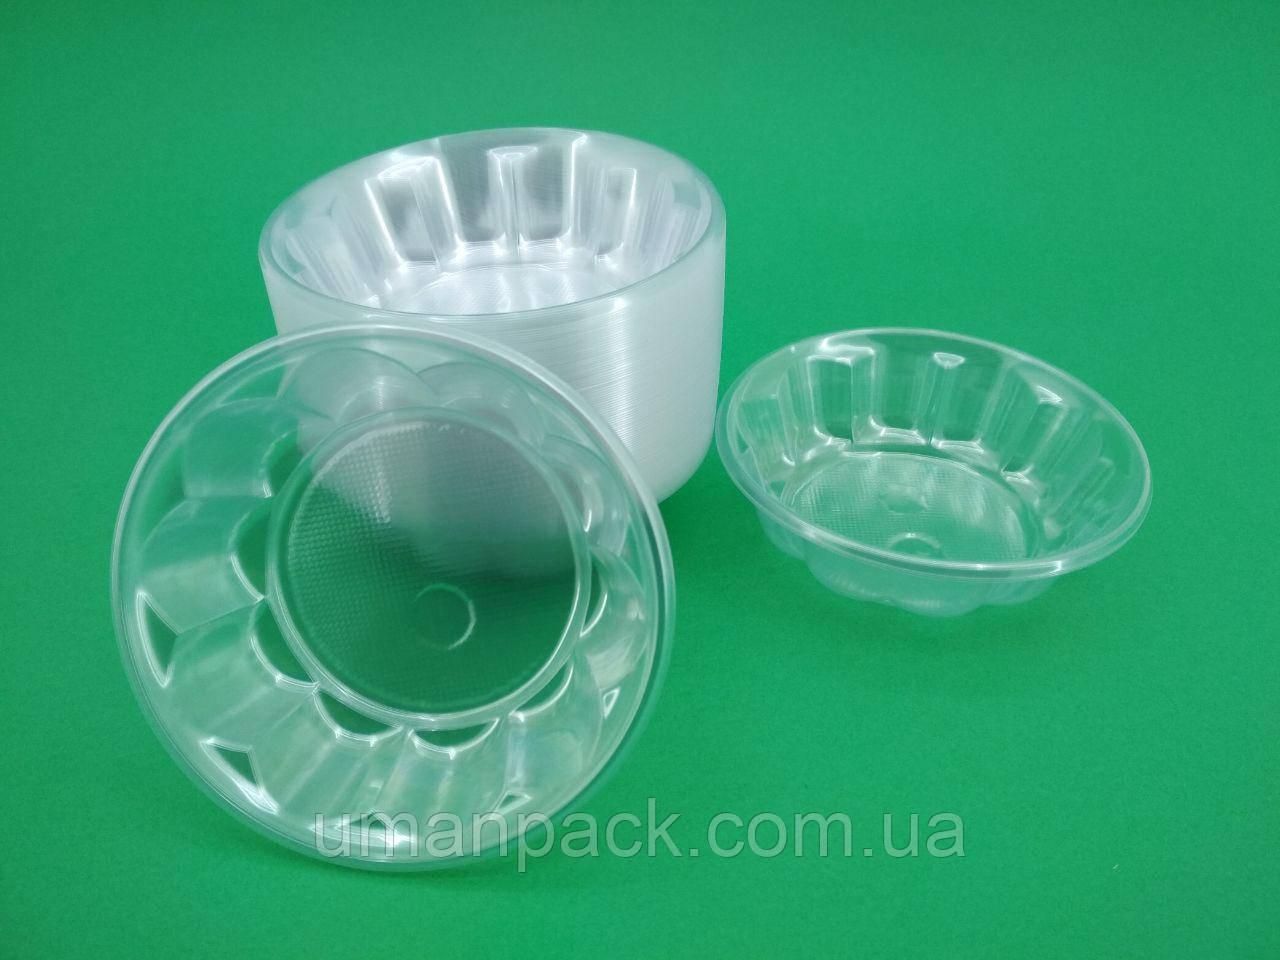 Одноразовая креманка пластиковая прозрачная (100 шт)заходи на сайт Уманьпак